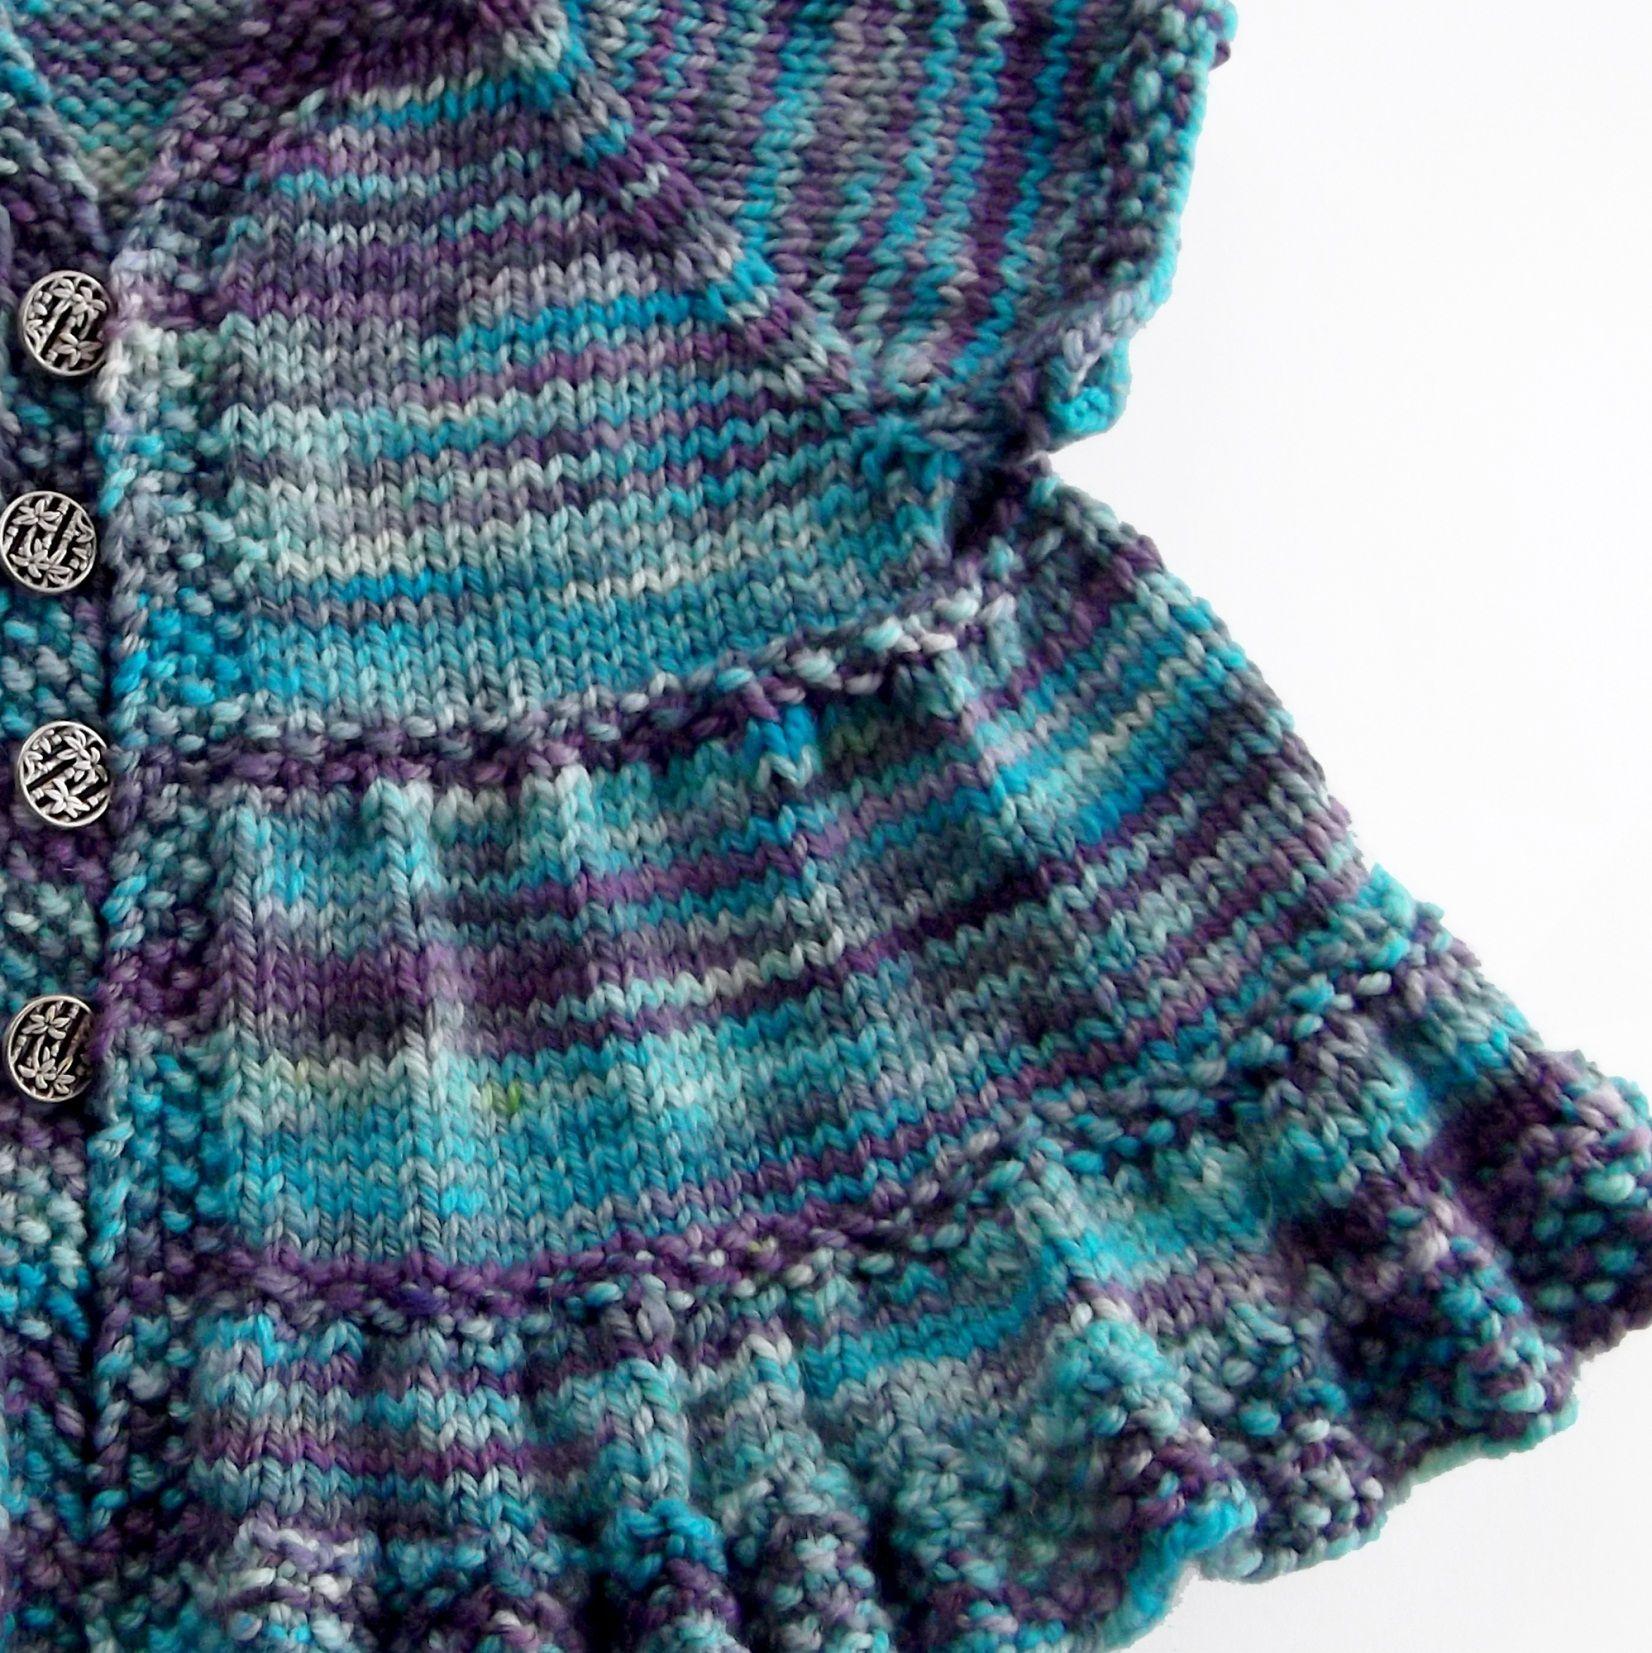 Knitting With Circular Needles Patterns : Ruffle dress baby knitting pattern a book by jenn